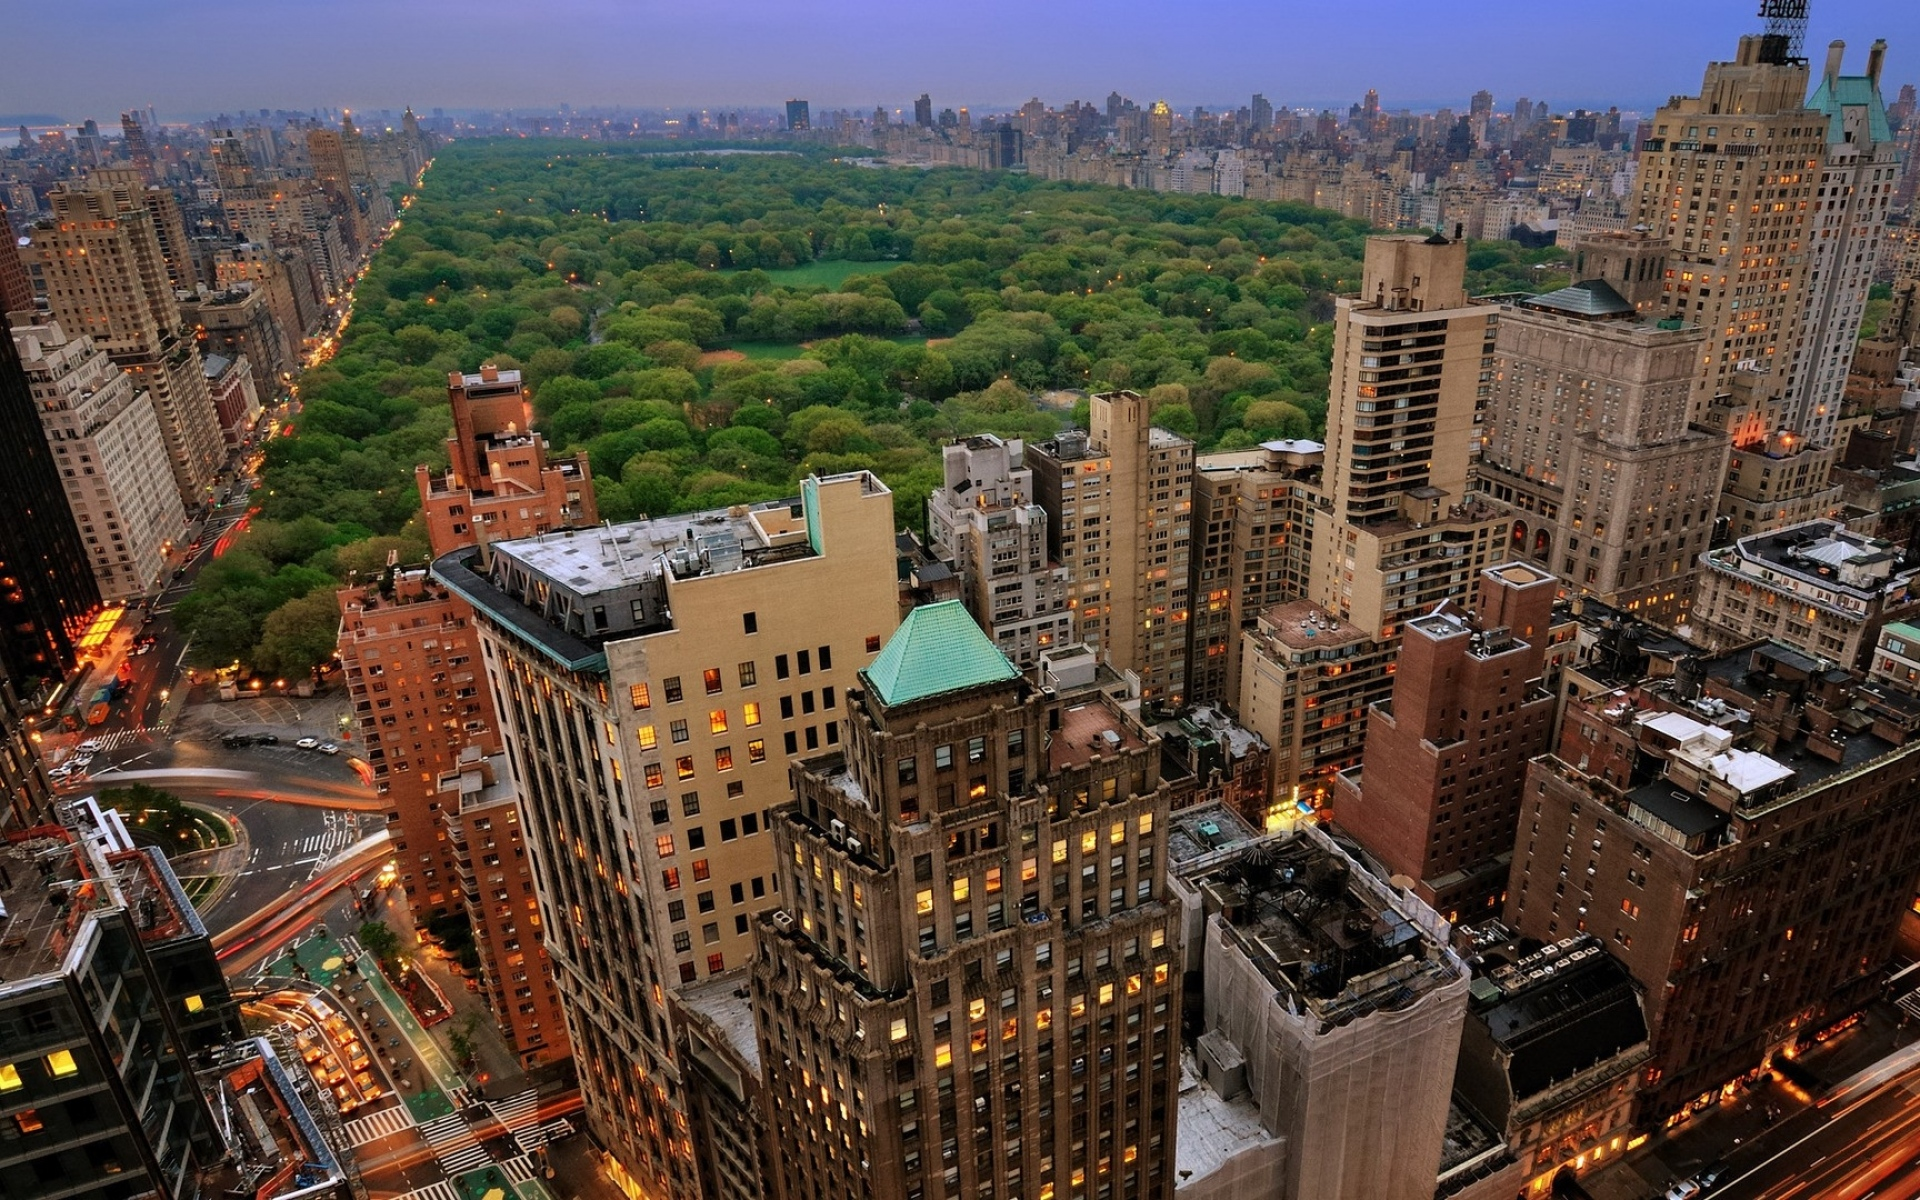 Картинки Нью-Йорк, Манхэттен, небоскребы, центральный парк фото и обои на рабочий стол